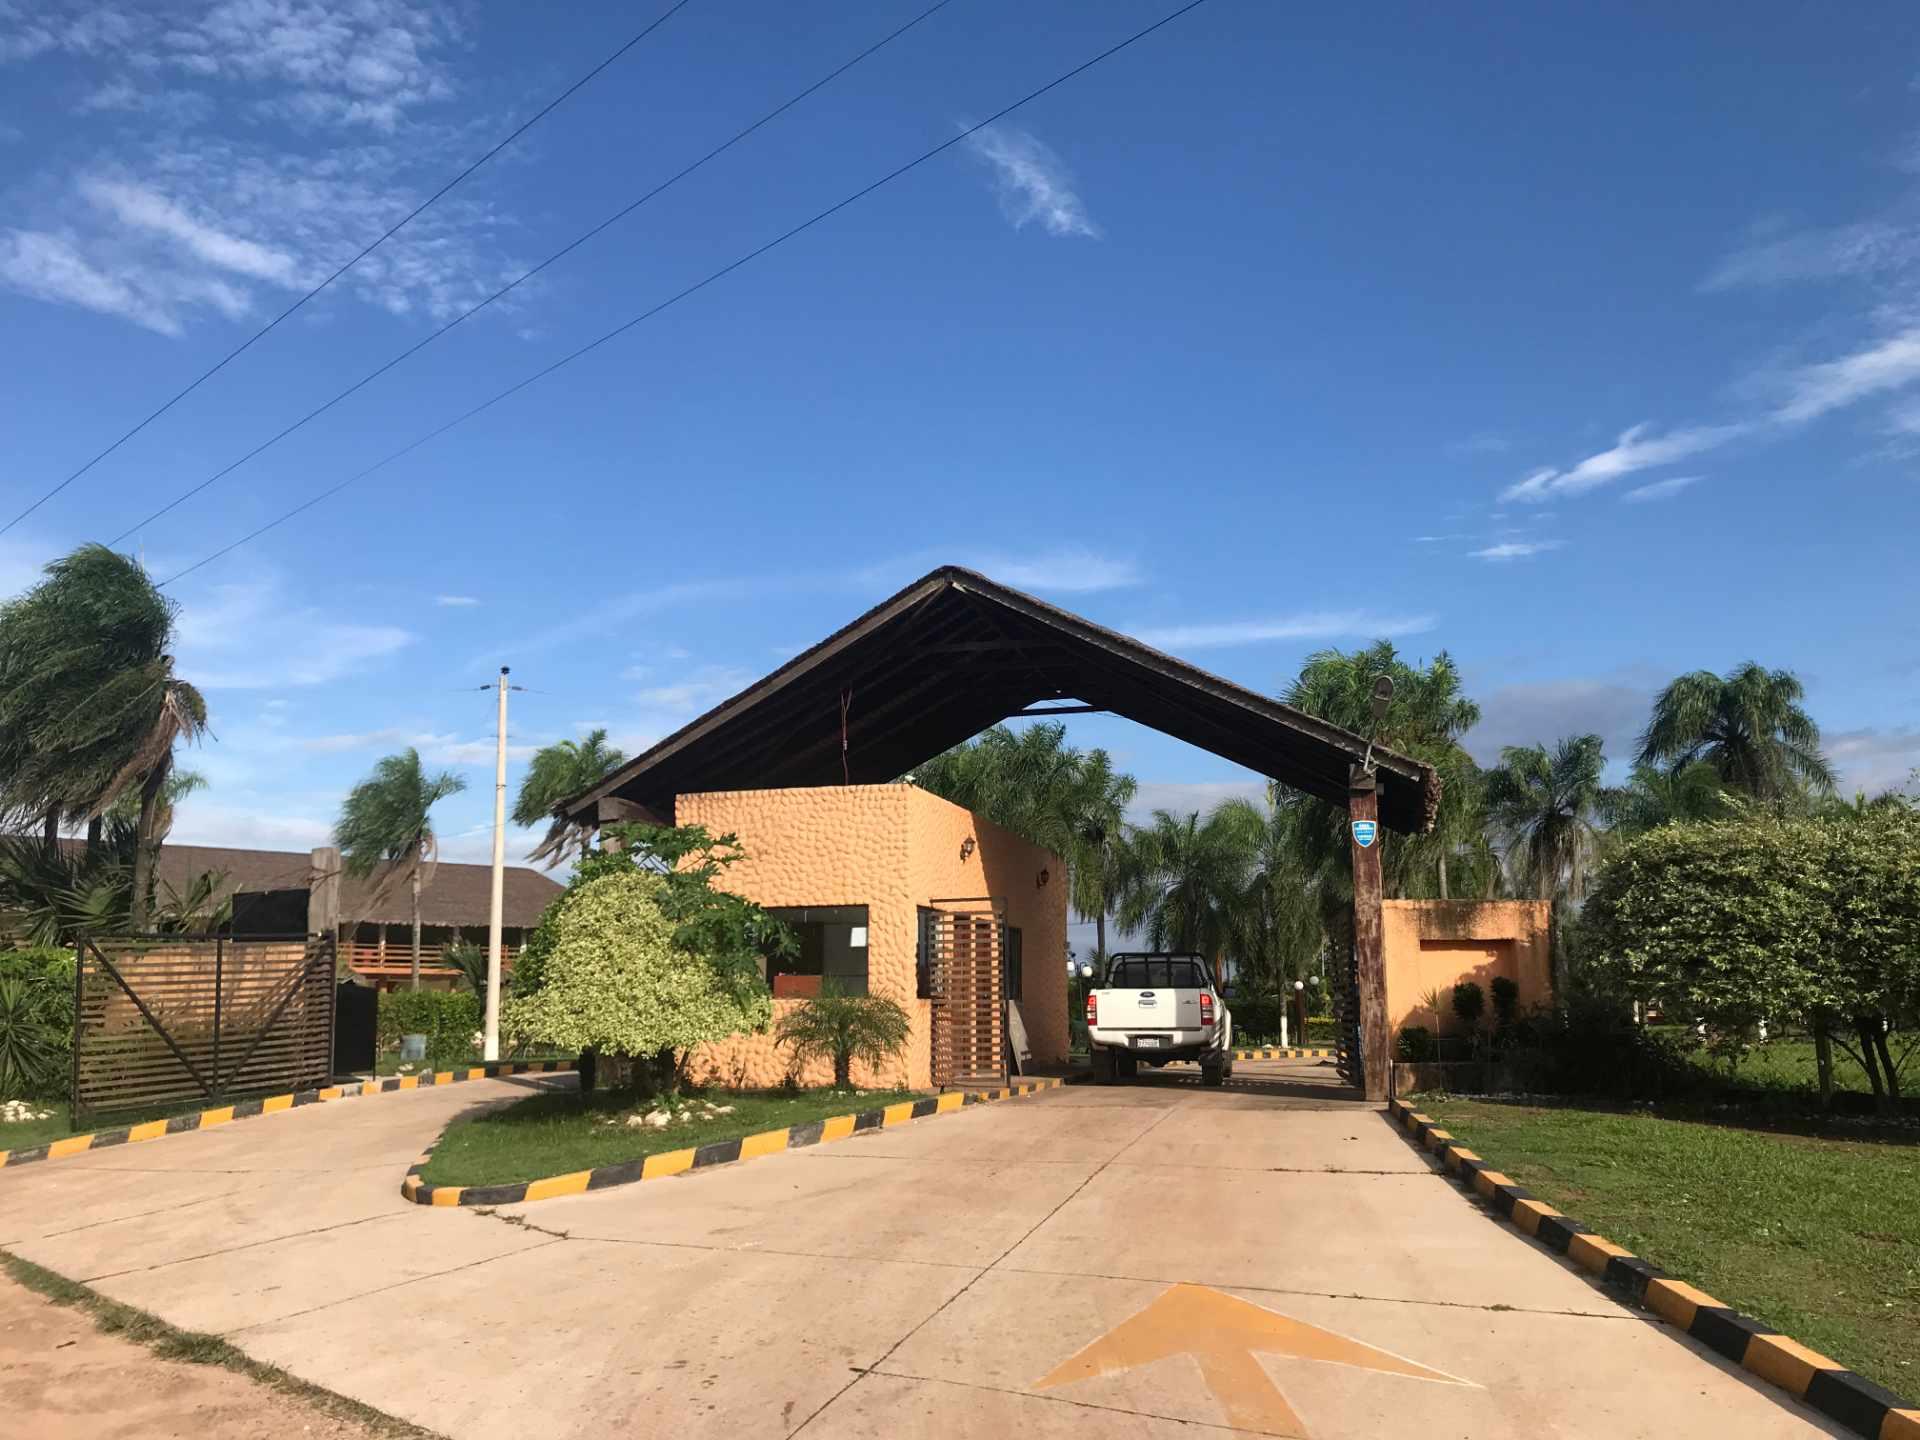 Terreno en Venta Complejo Campestre Norte, Km 23 Carretera al Norte.  Foto 1